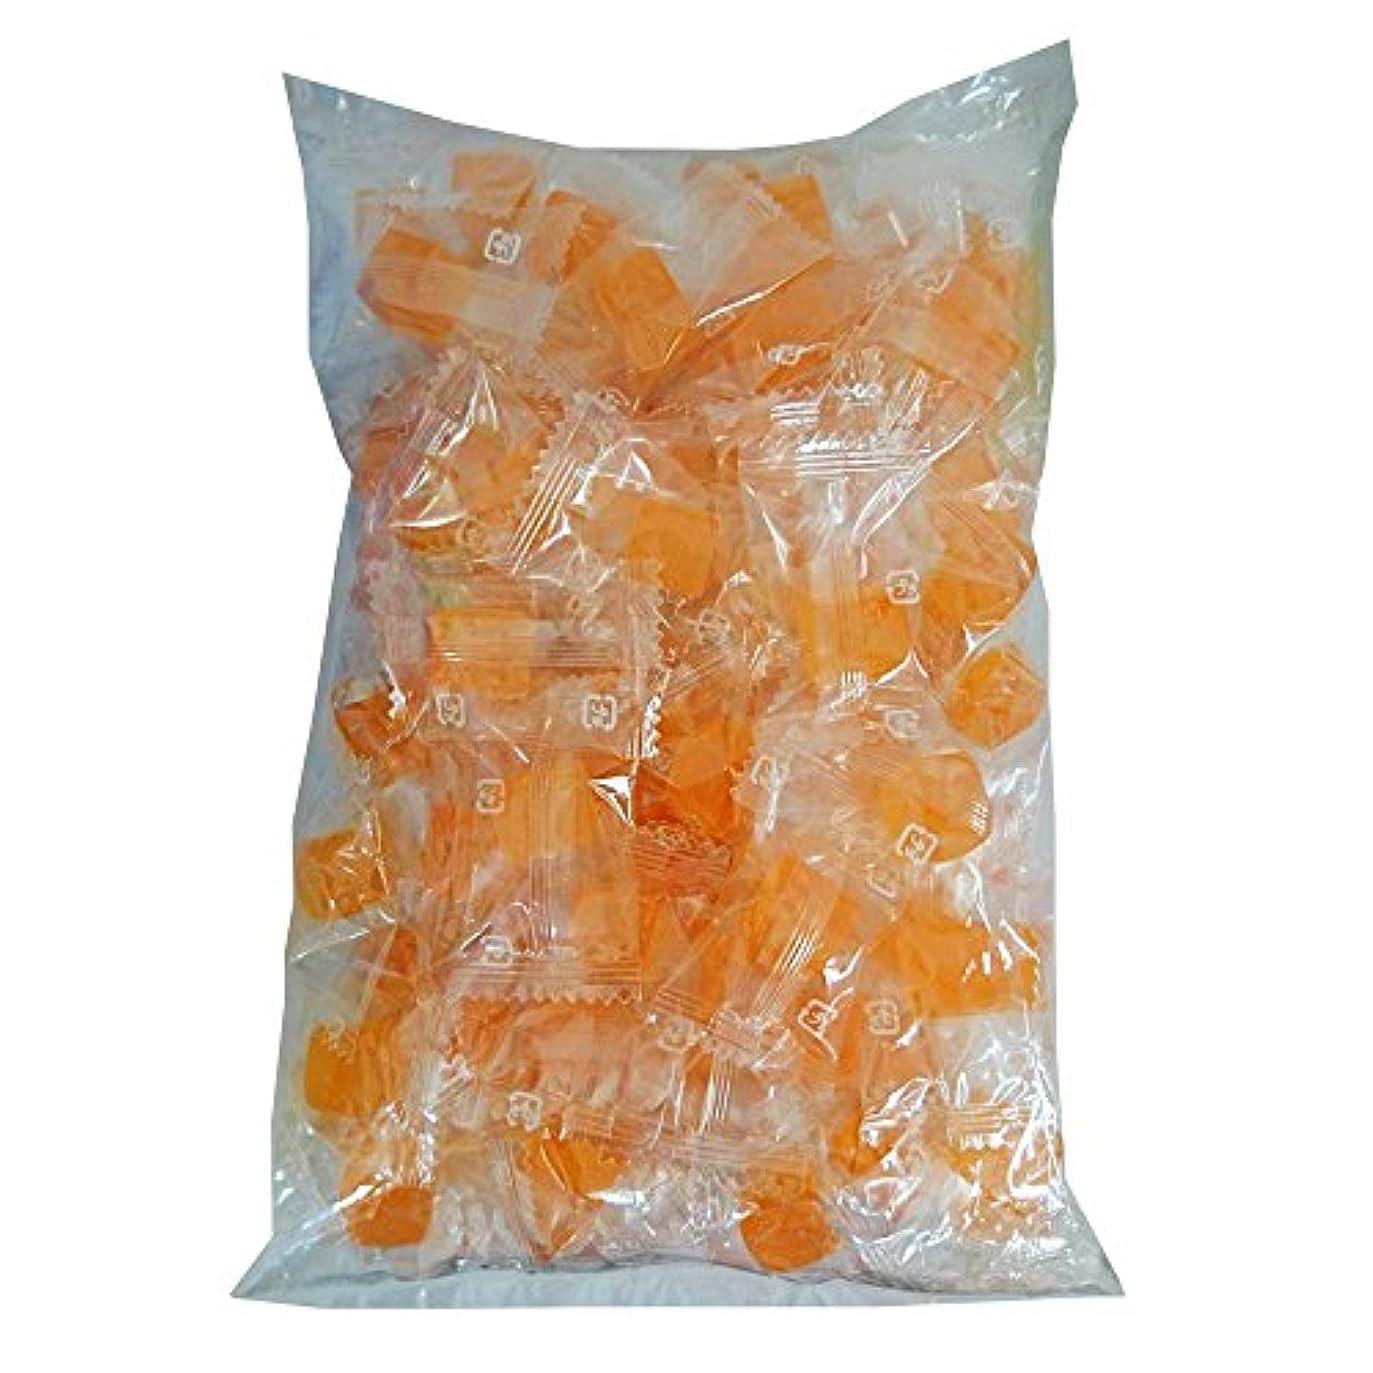 小包おしゃれなあえぎみかんキシリトールグミ大袋100粒入